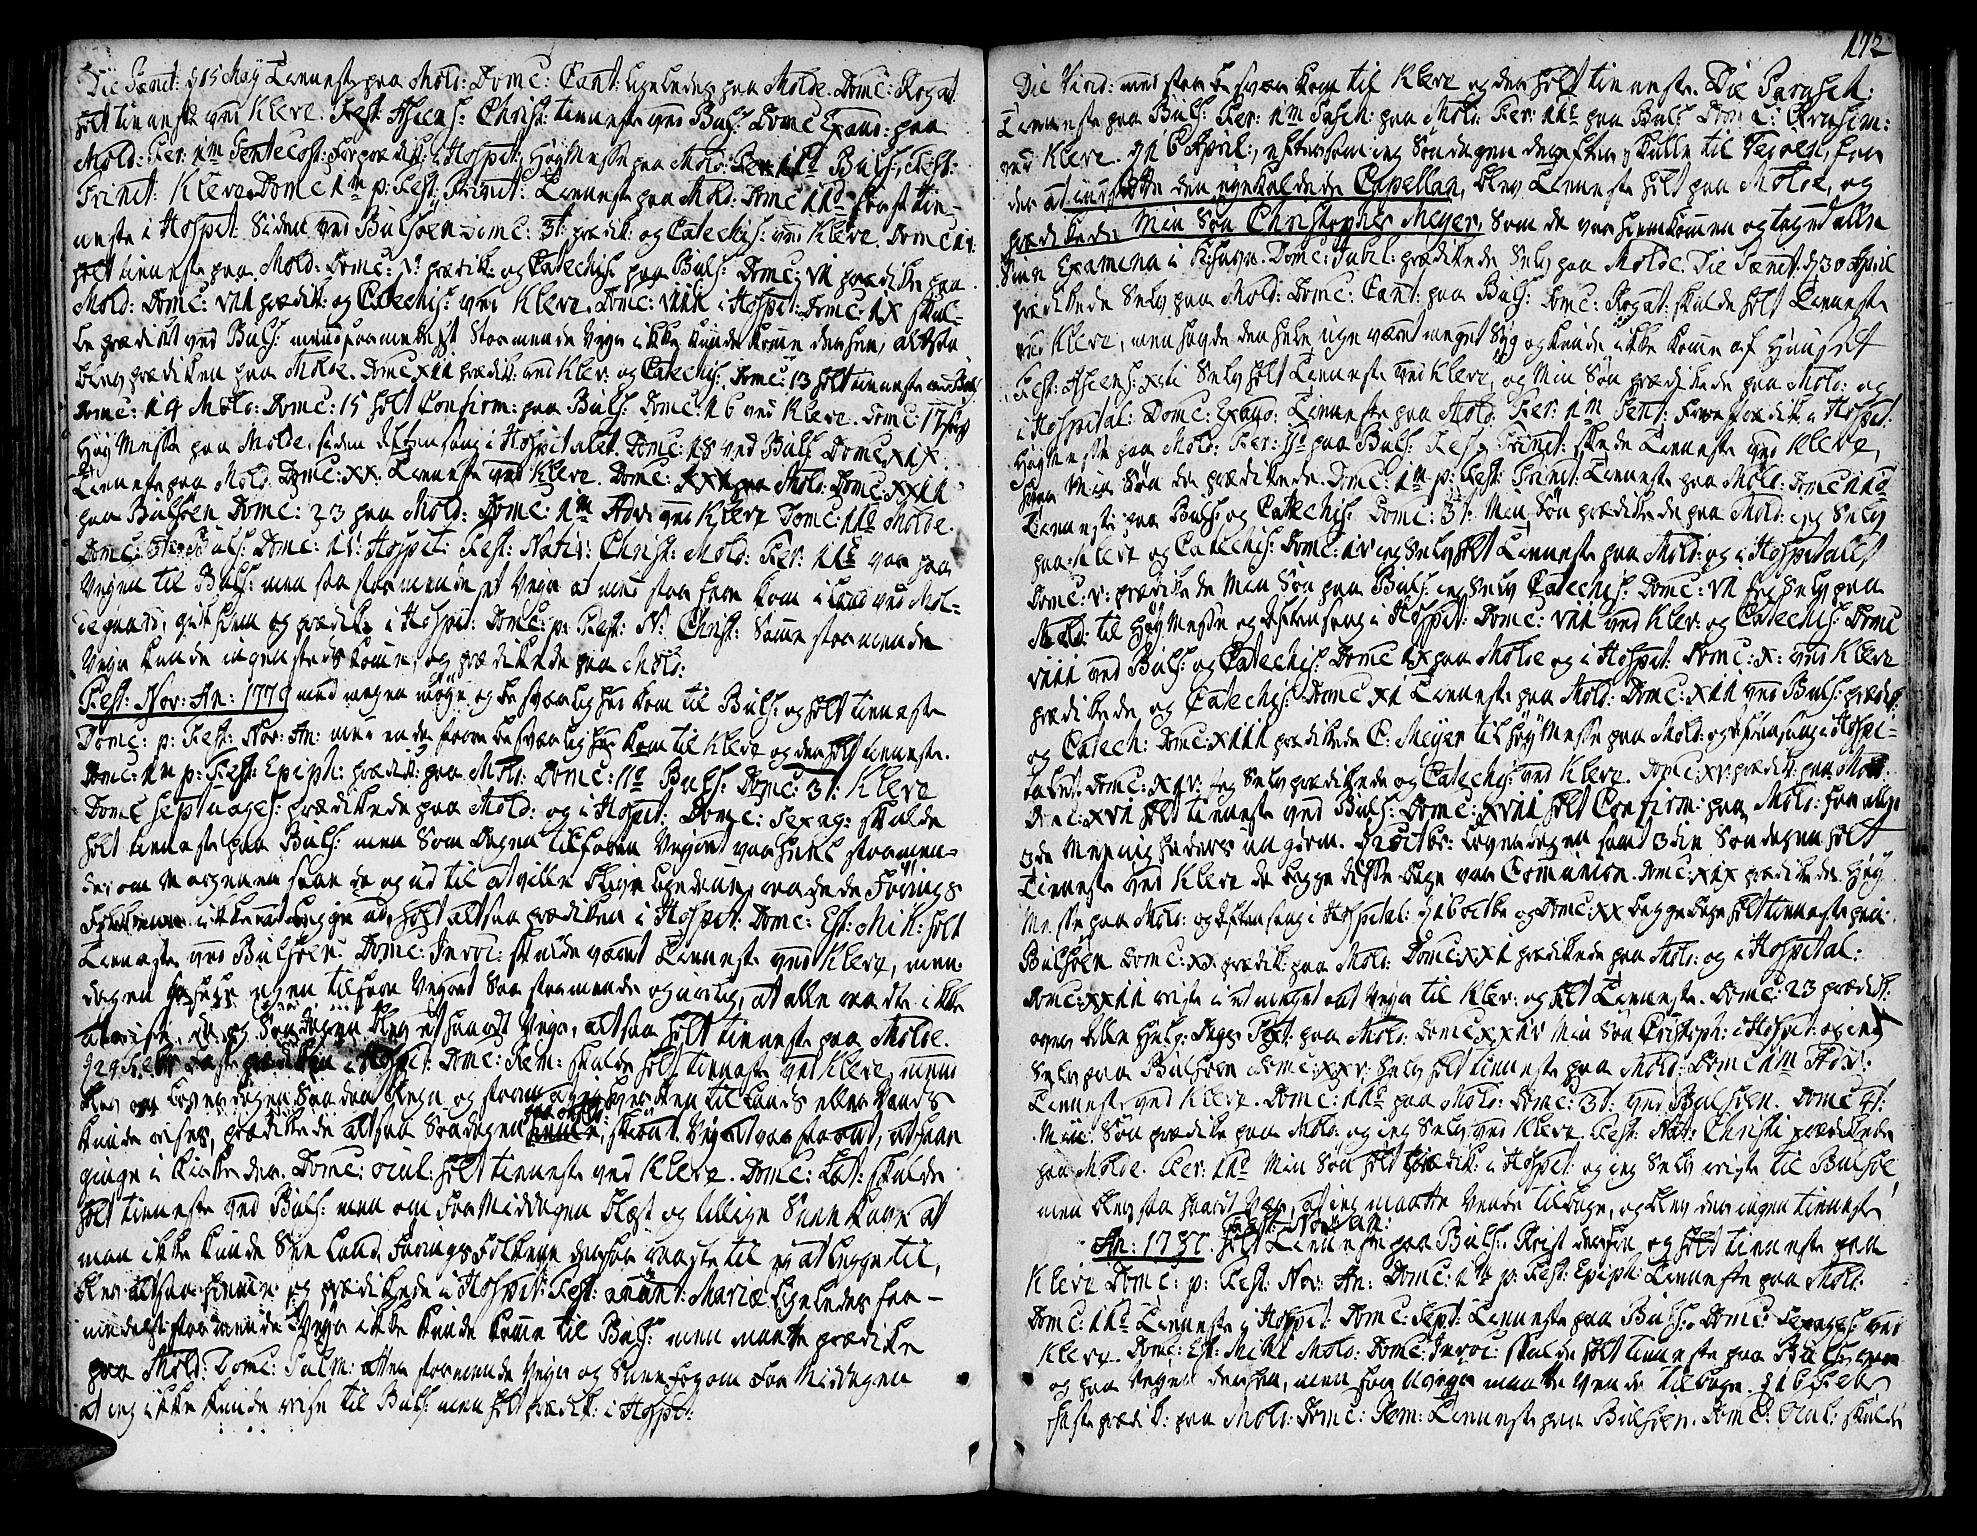 SAT, Ministerialprotokoller, klokkerbøker og fødselsregistre - Møre og Romsdal, 555/L0648: Ministerialbok nr. 555A01, 1759-1793, s. 172